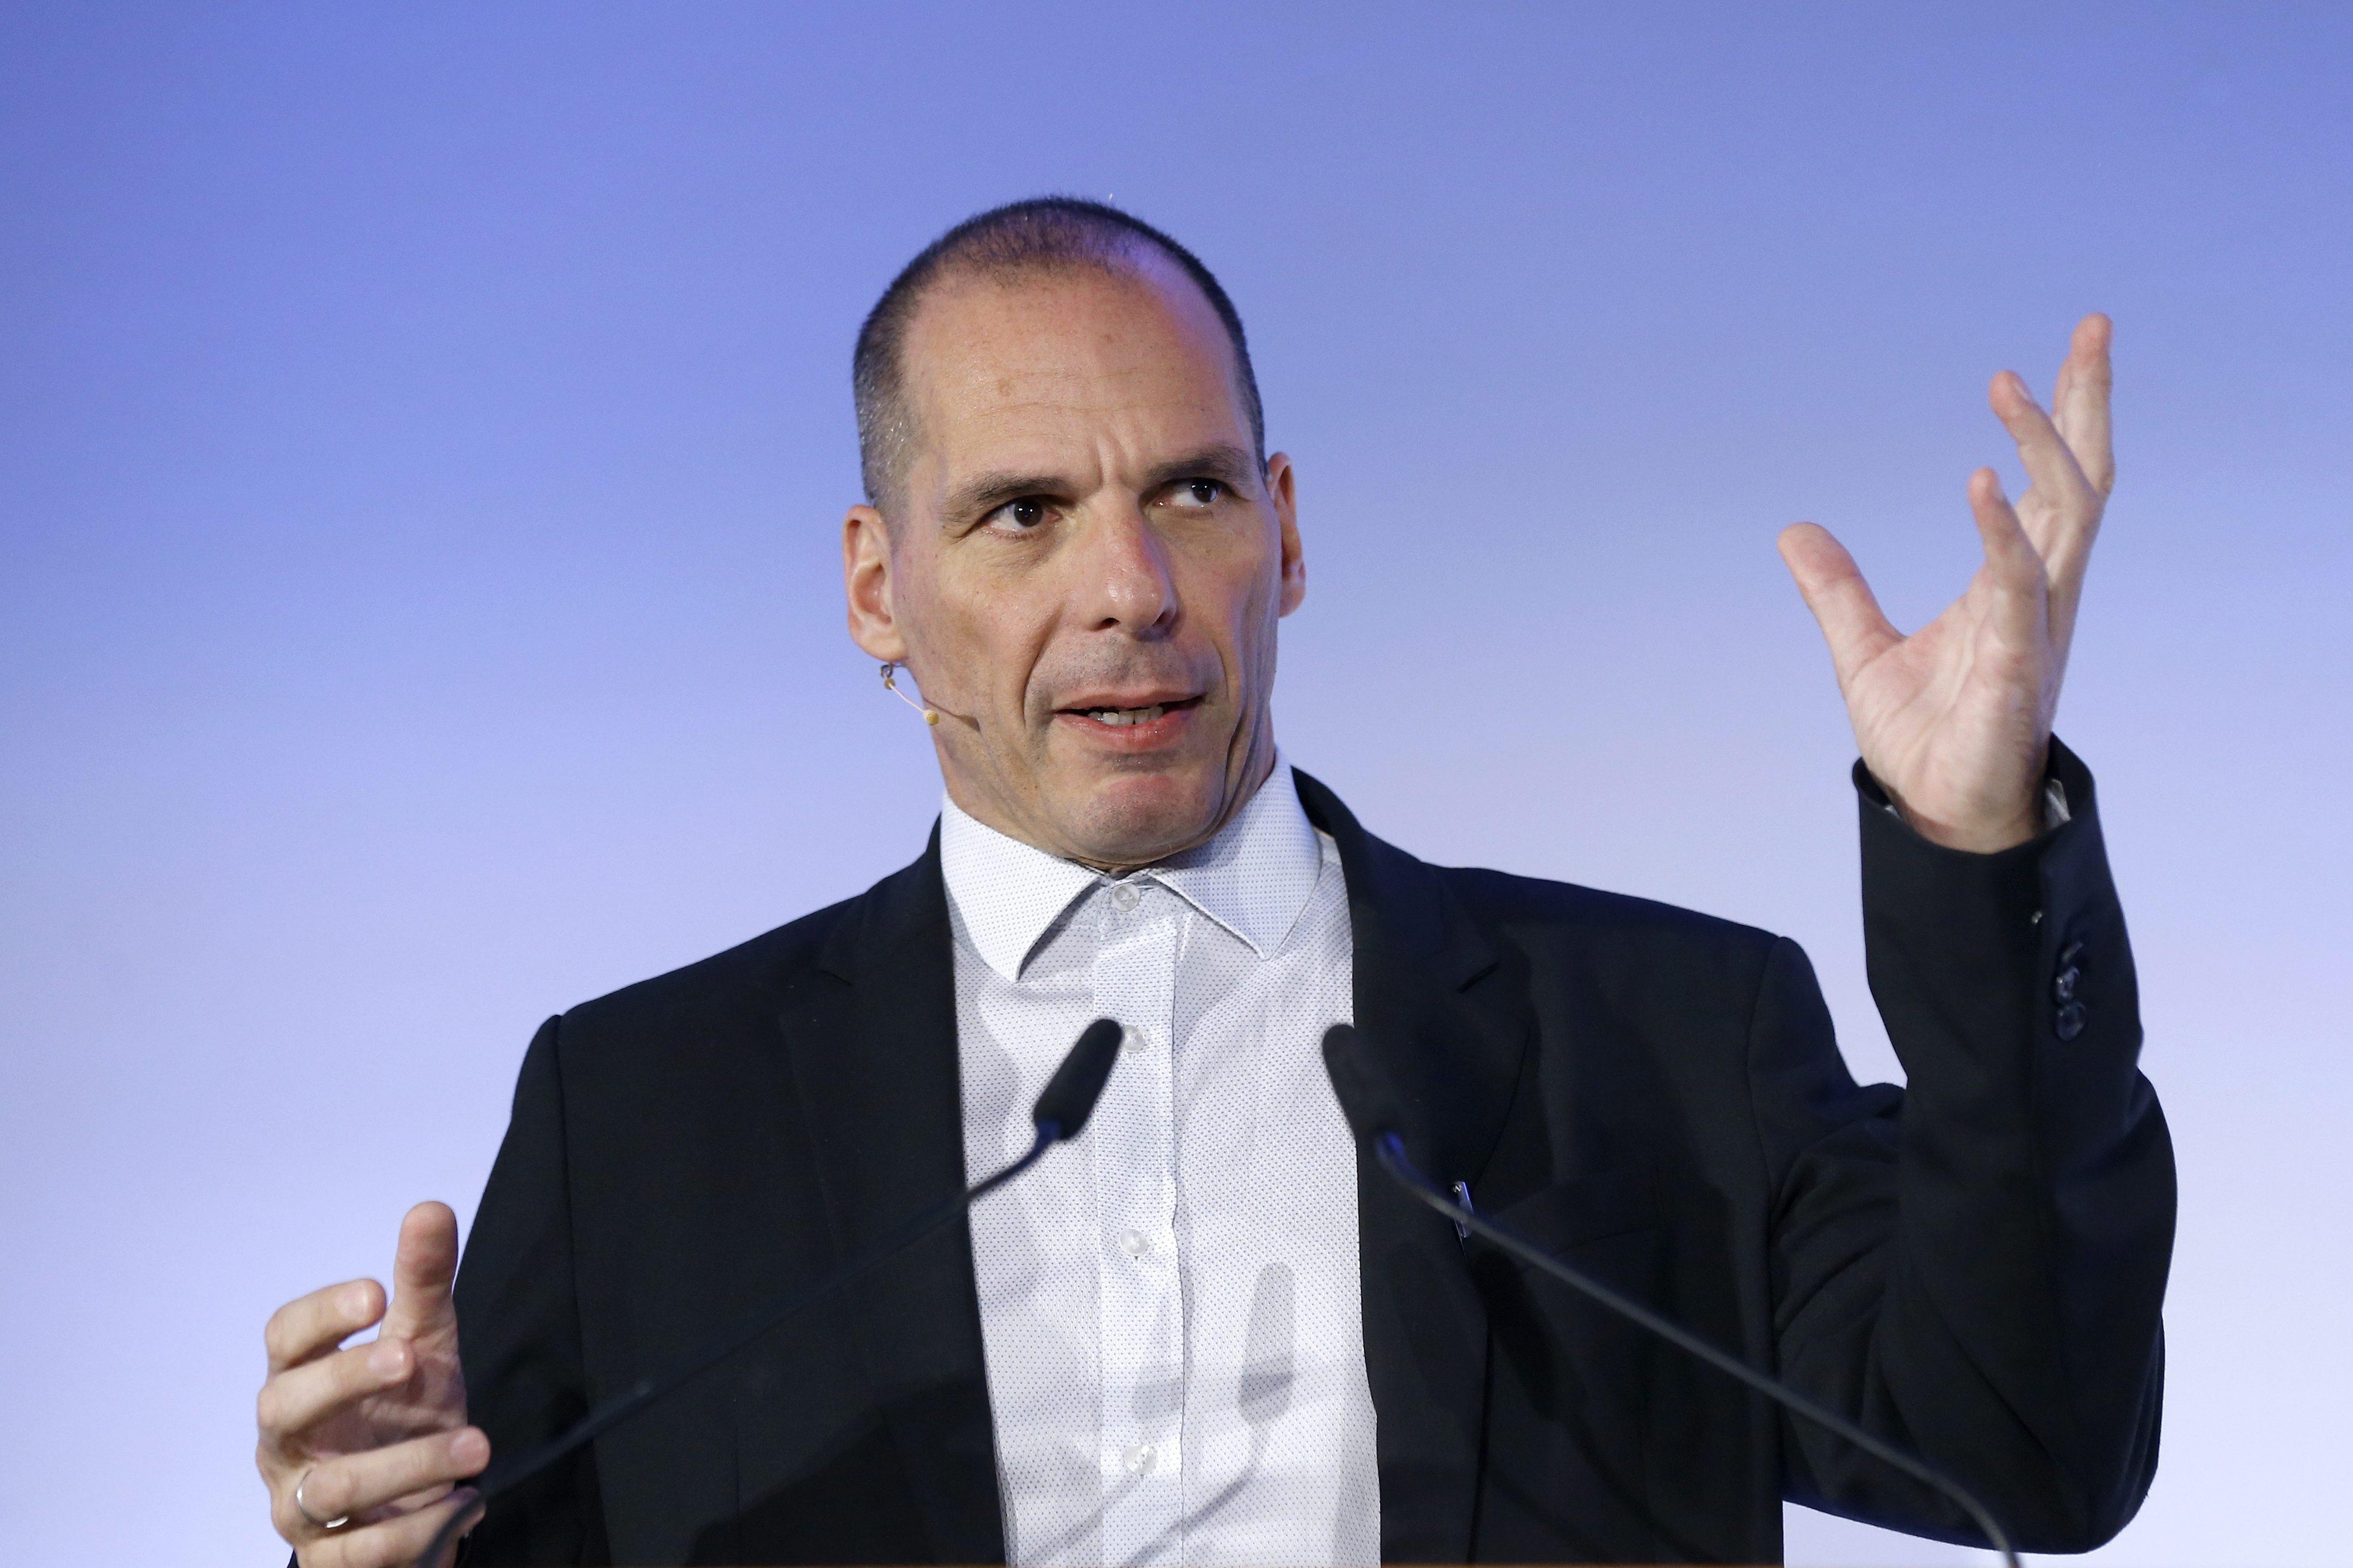 Βαρουφάκης στον Guardian: Η Ελλάδα παραμένει φυλακή οφειλετών και η ΕΕ δεν δίνει τα κλειδιά | tovima.gr